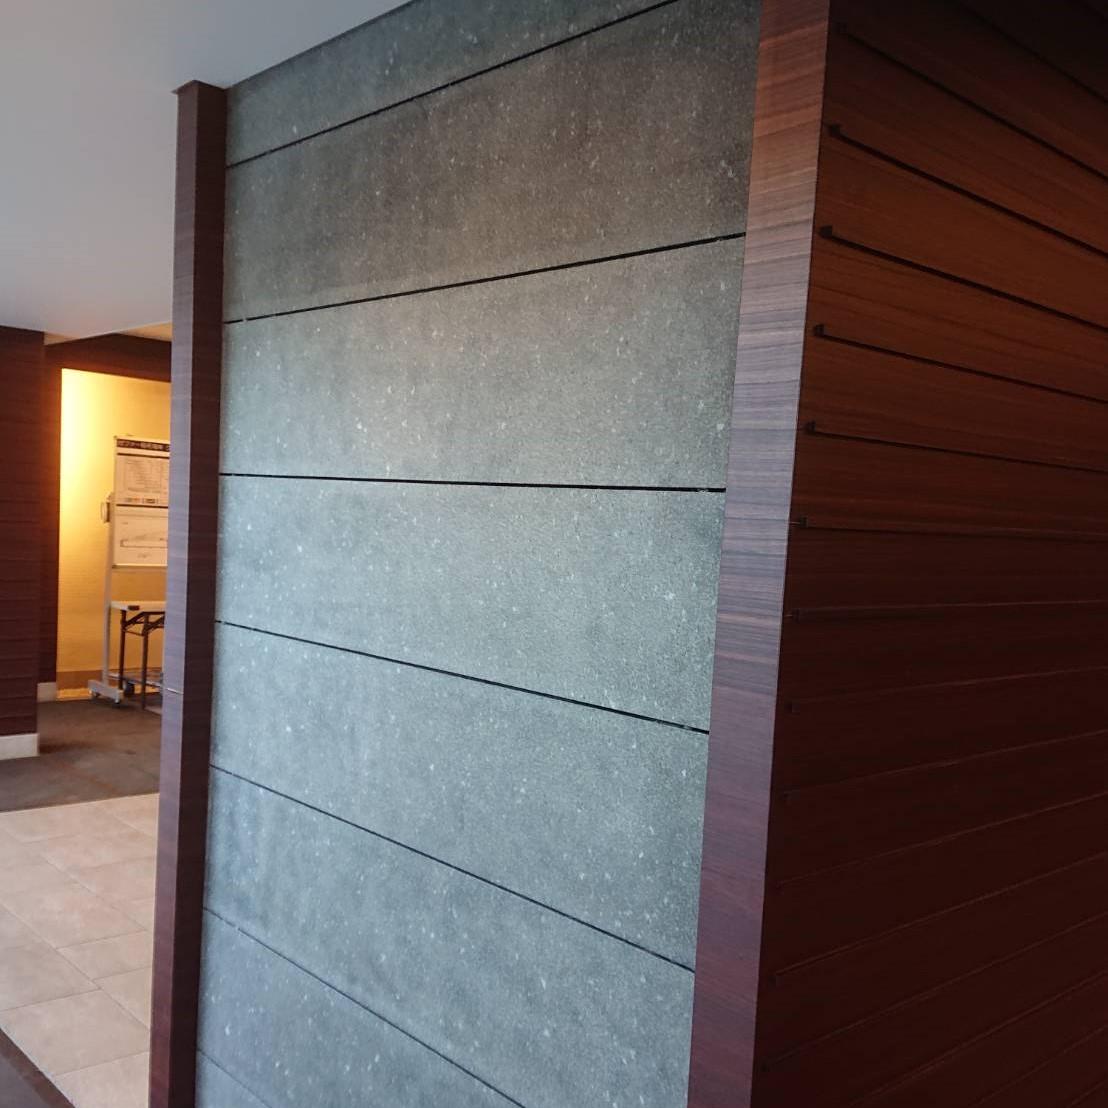 石材壁の目地周りにシールのシミがのサムネイル